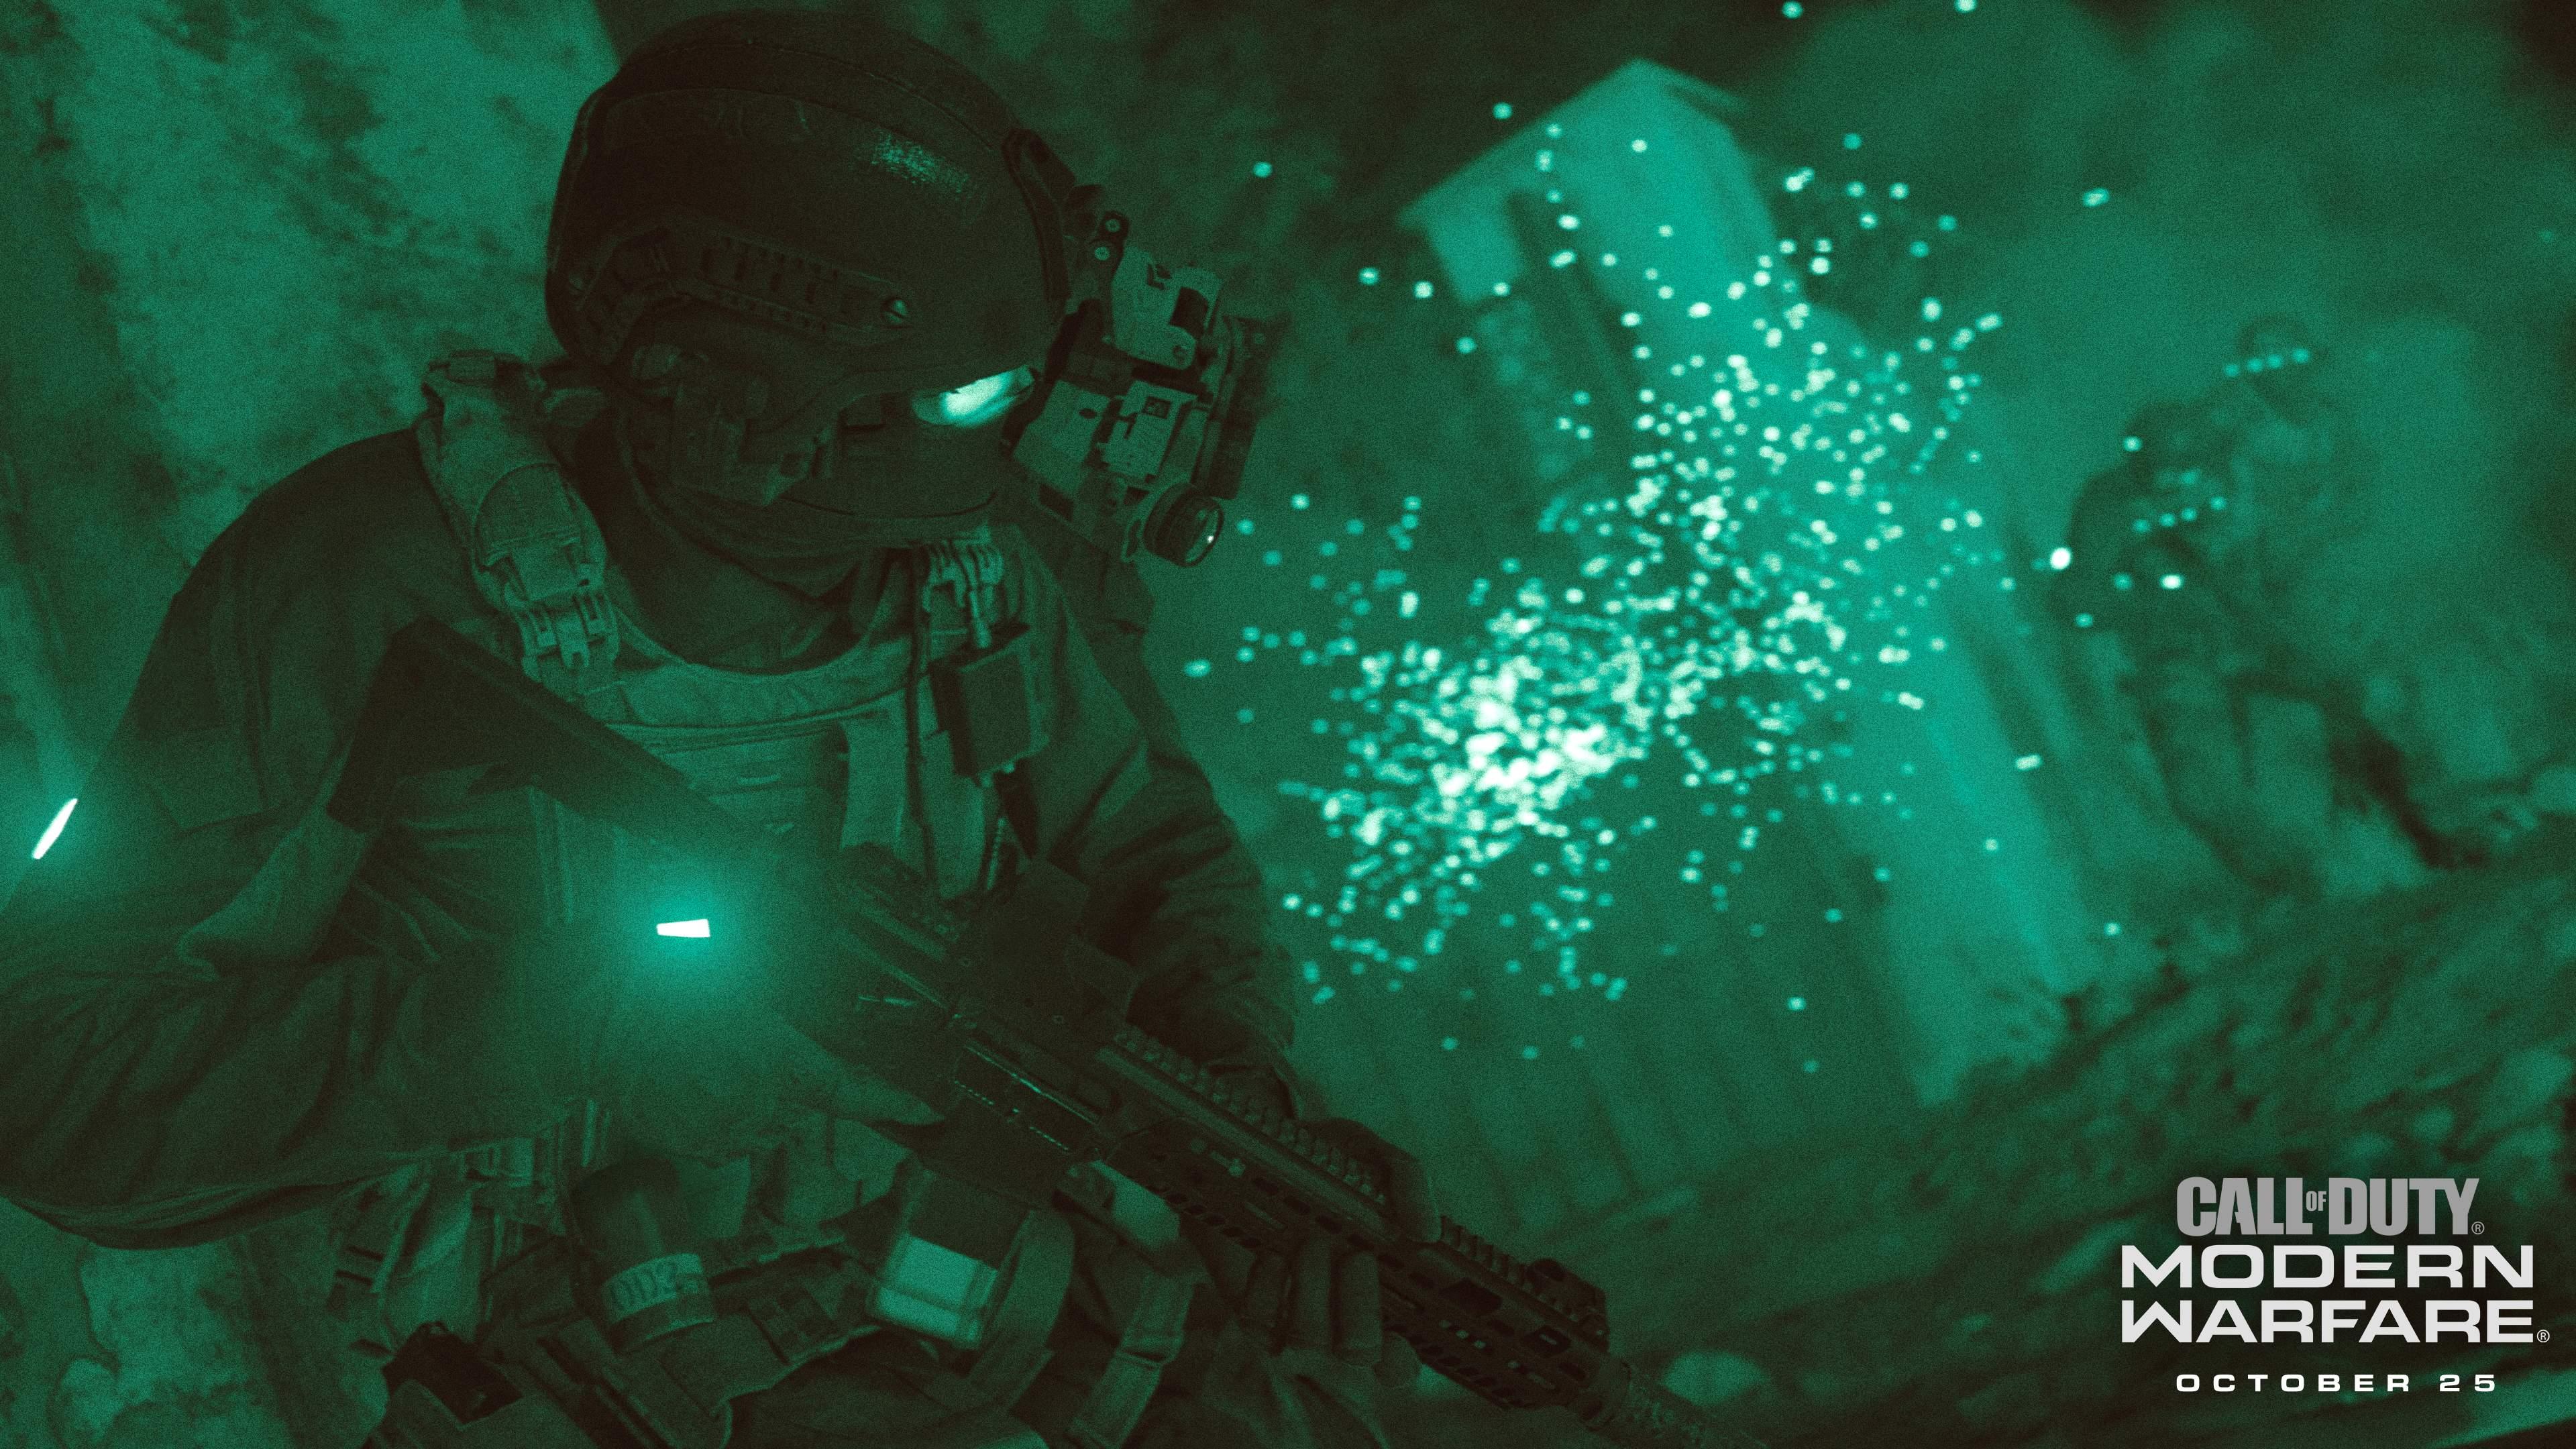 MW Reveal 04 wm Call of Duty; Modern Warfare stiže 25. oktobra!